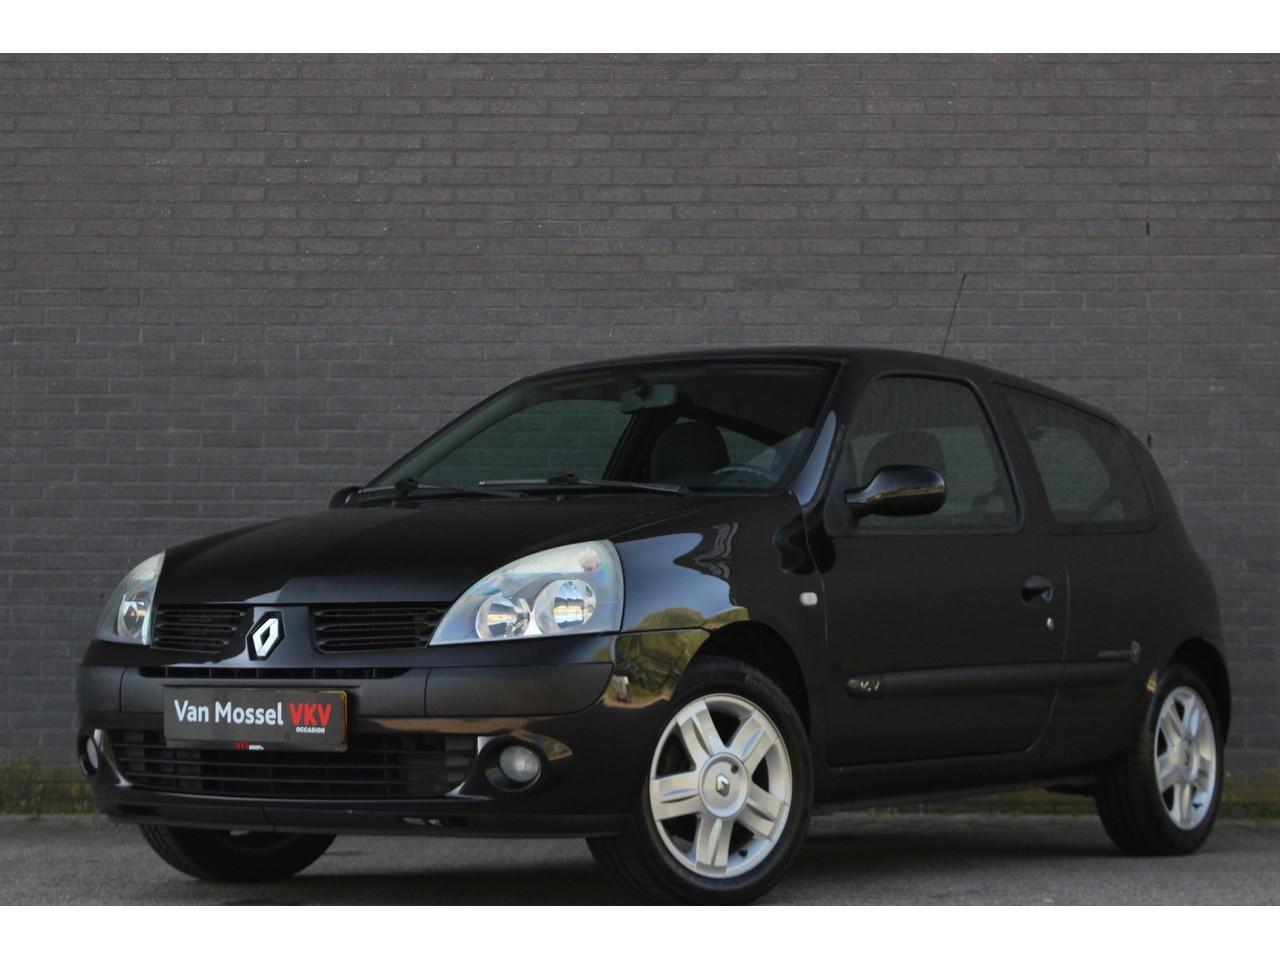 Renault Clio 1.2 75pk comfort nieuwe distributie